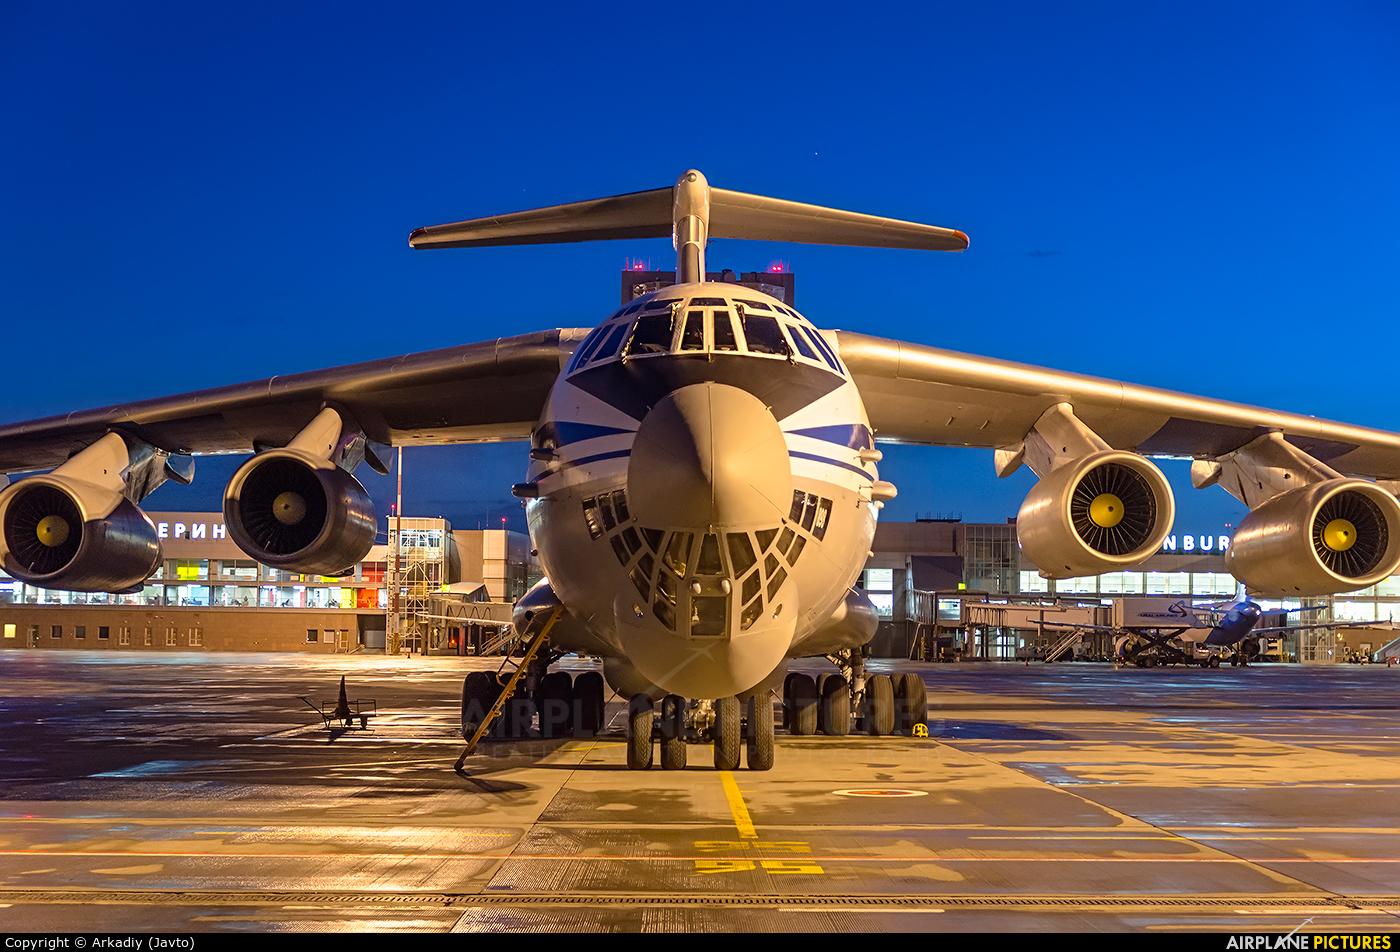 Russia - Air Force RF-86898 aircraft at Koltsovo - Ekaterinburg